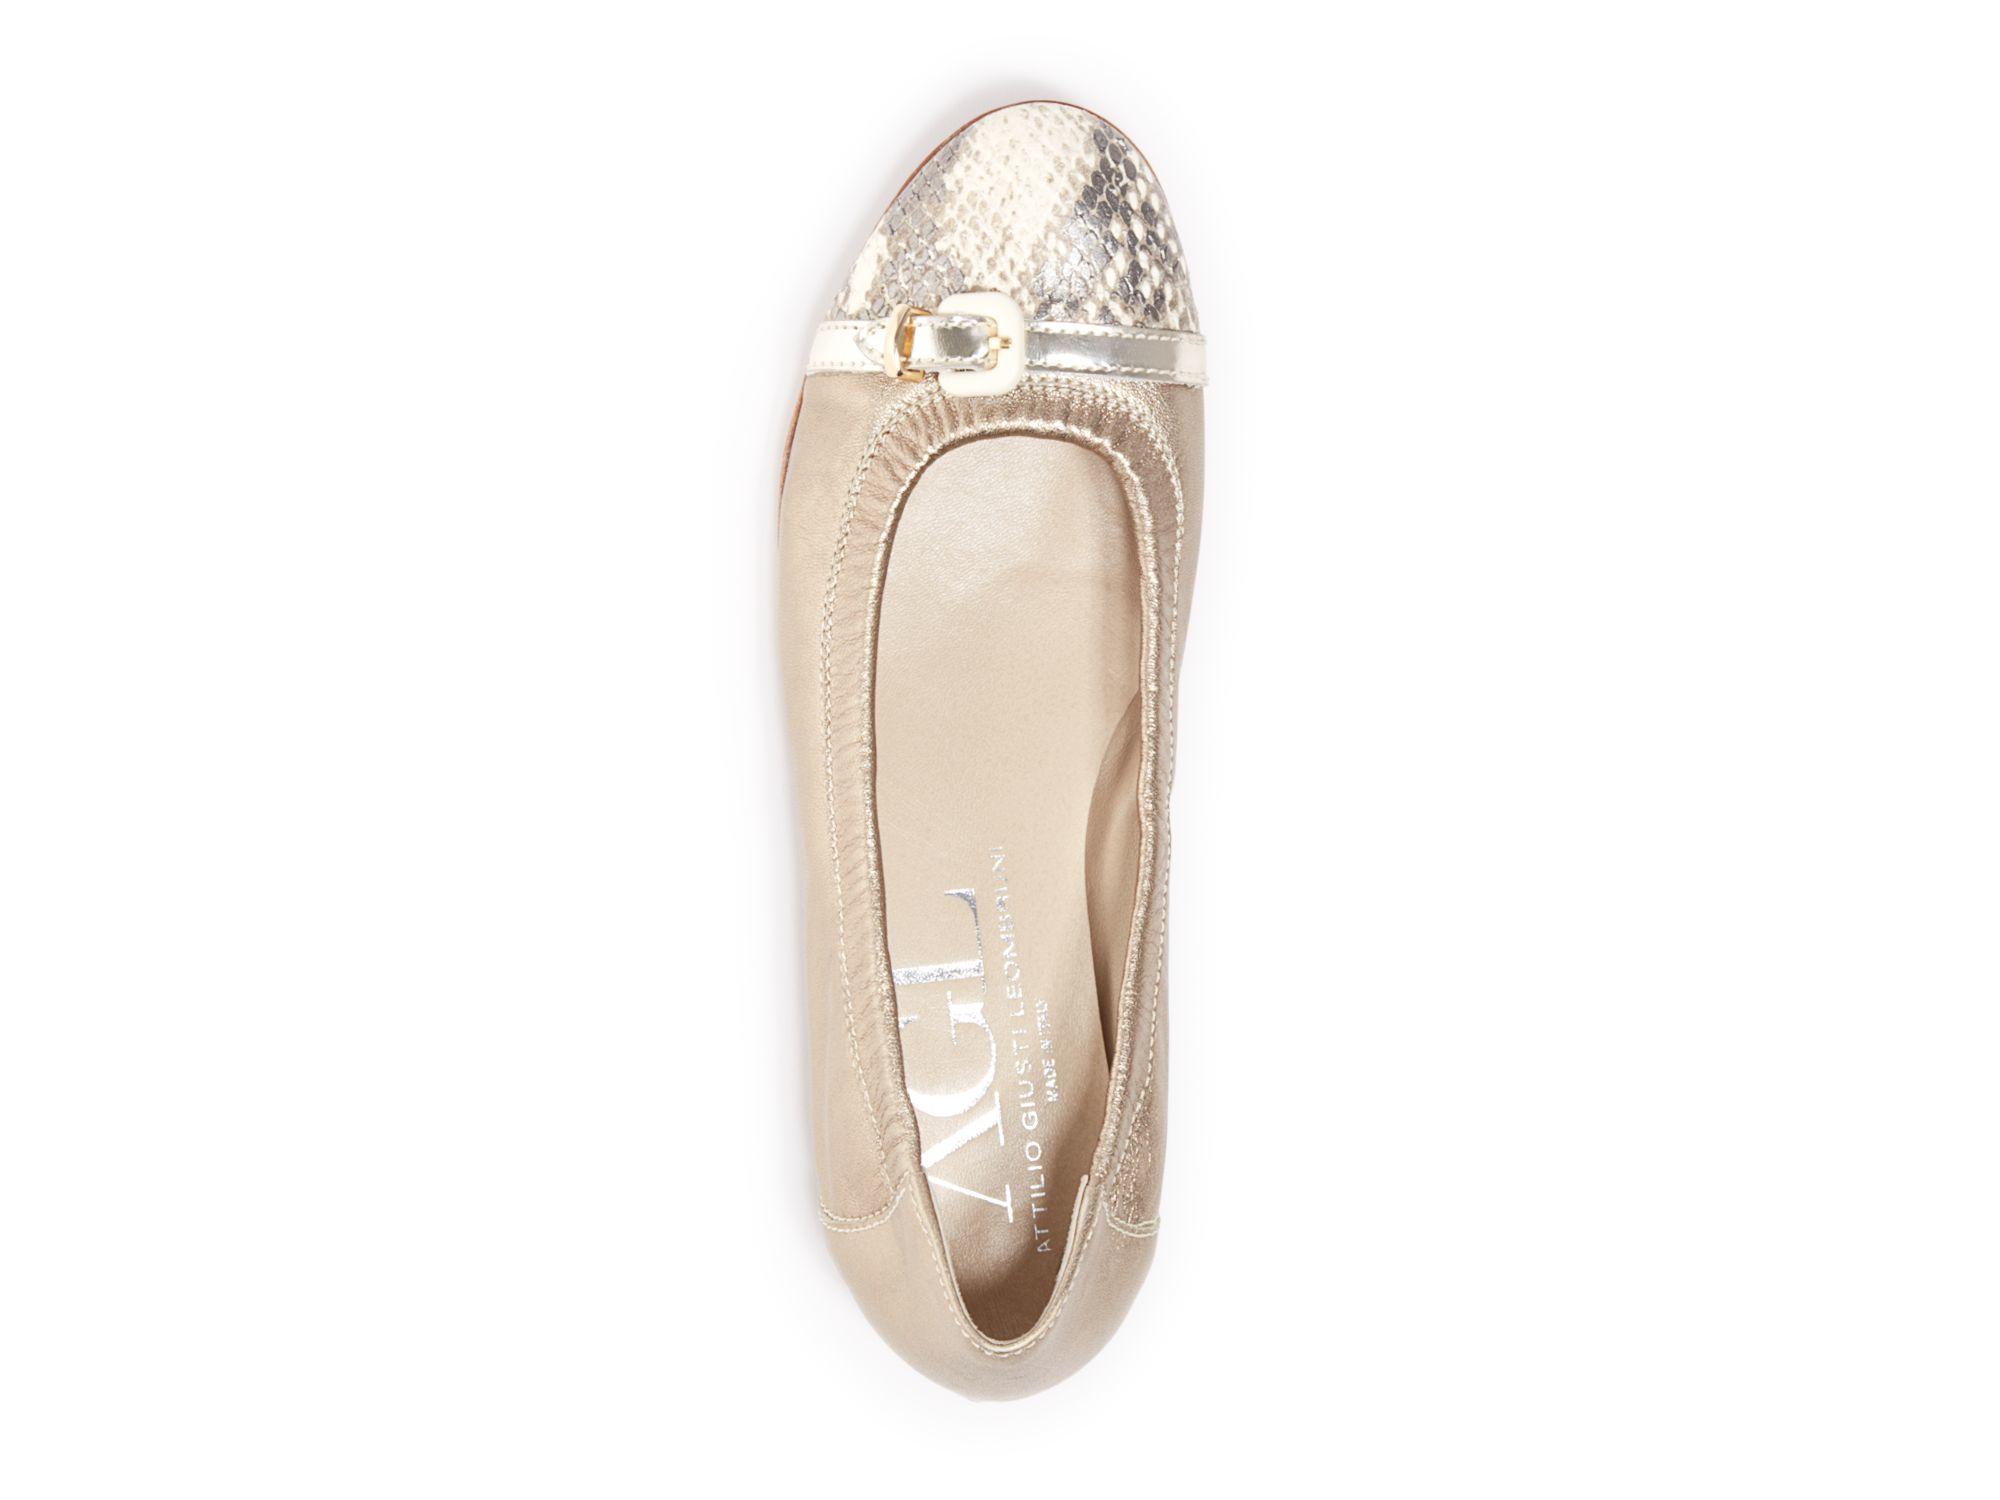 e63ecc382431a Agl Attilio Giusti Leombruni Ballet Flats - Cap Toe Metallic in ...